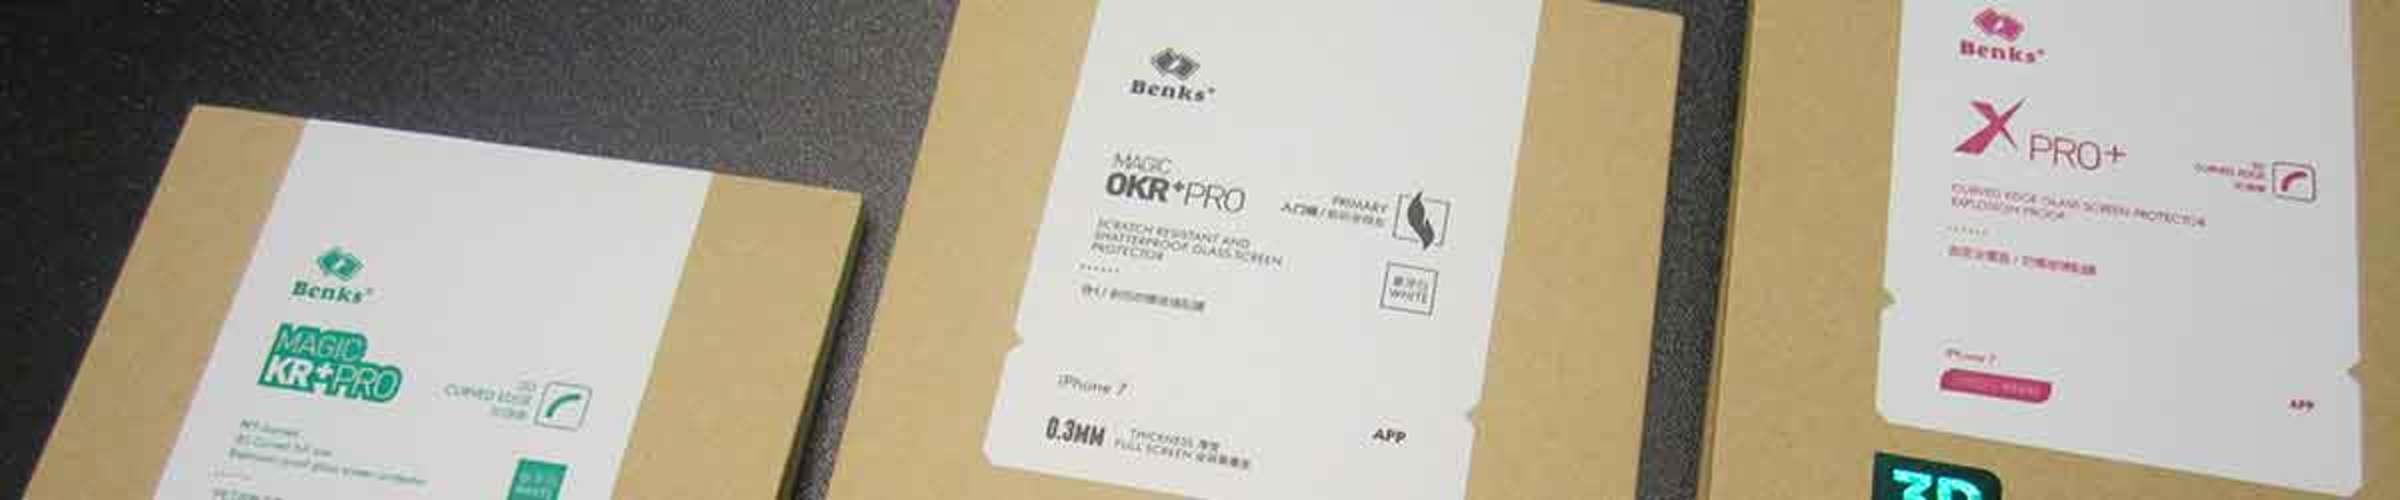 Сравнение защитного стекла для iPhone 7. OKR-KR-XPro серии